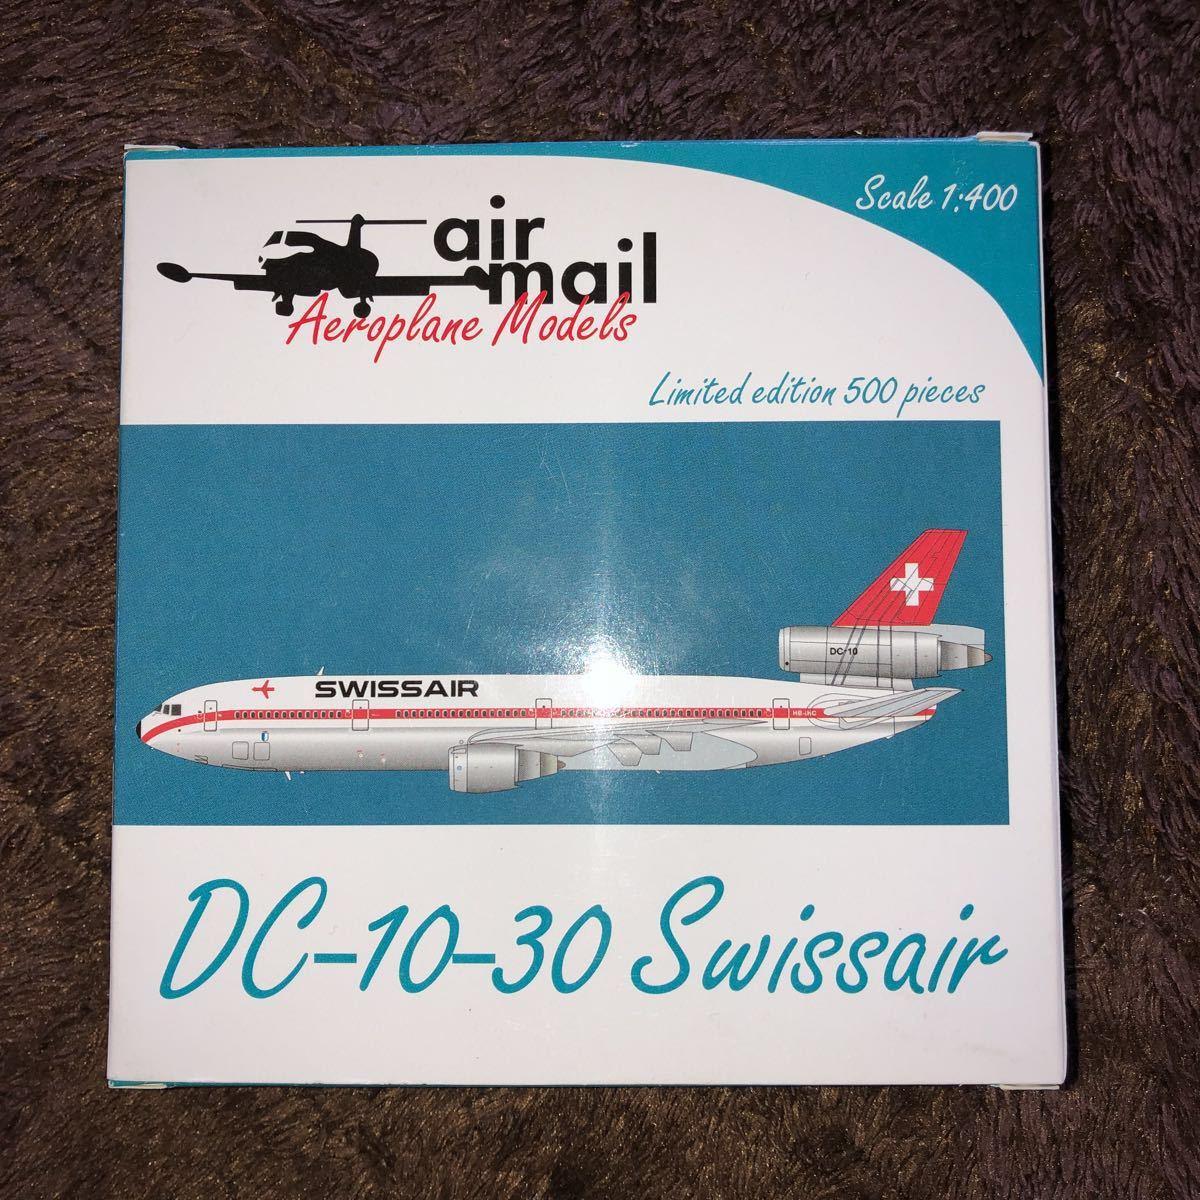 送料込み!スイス航空 DC-10-30 ダイキャスト / エアメール製 限定モデル_画像1